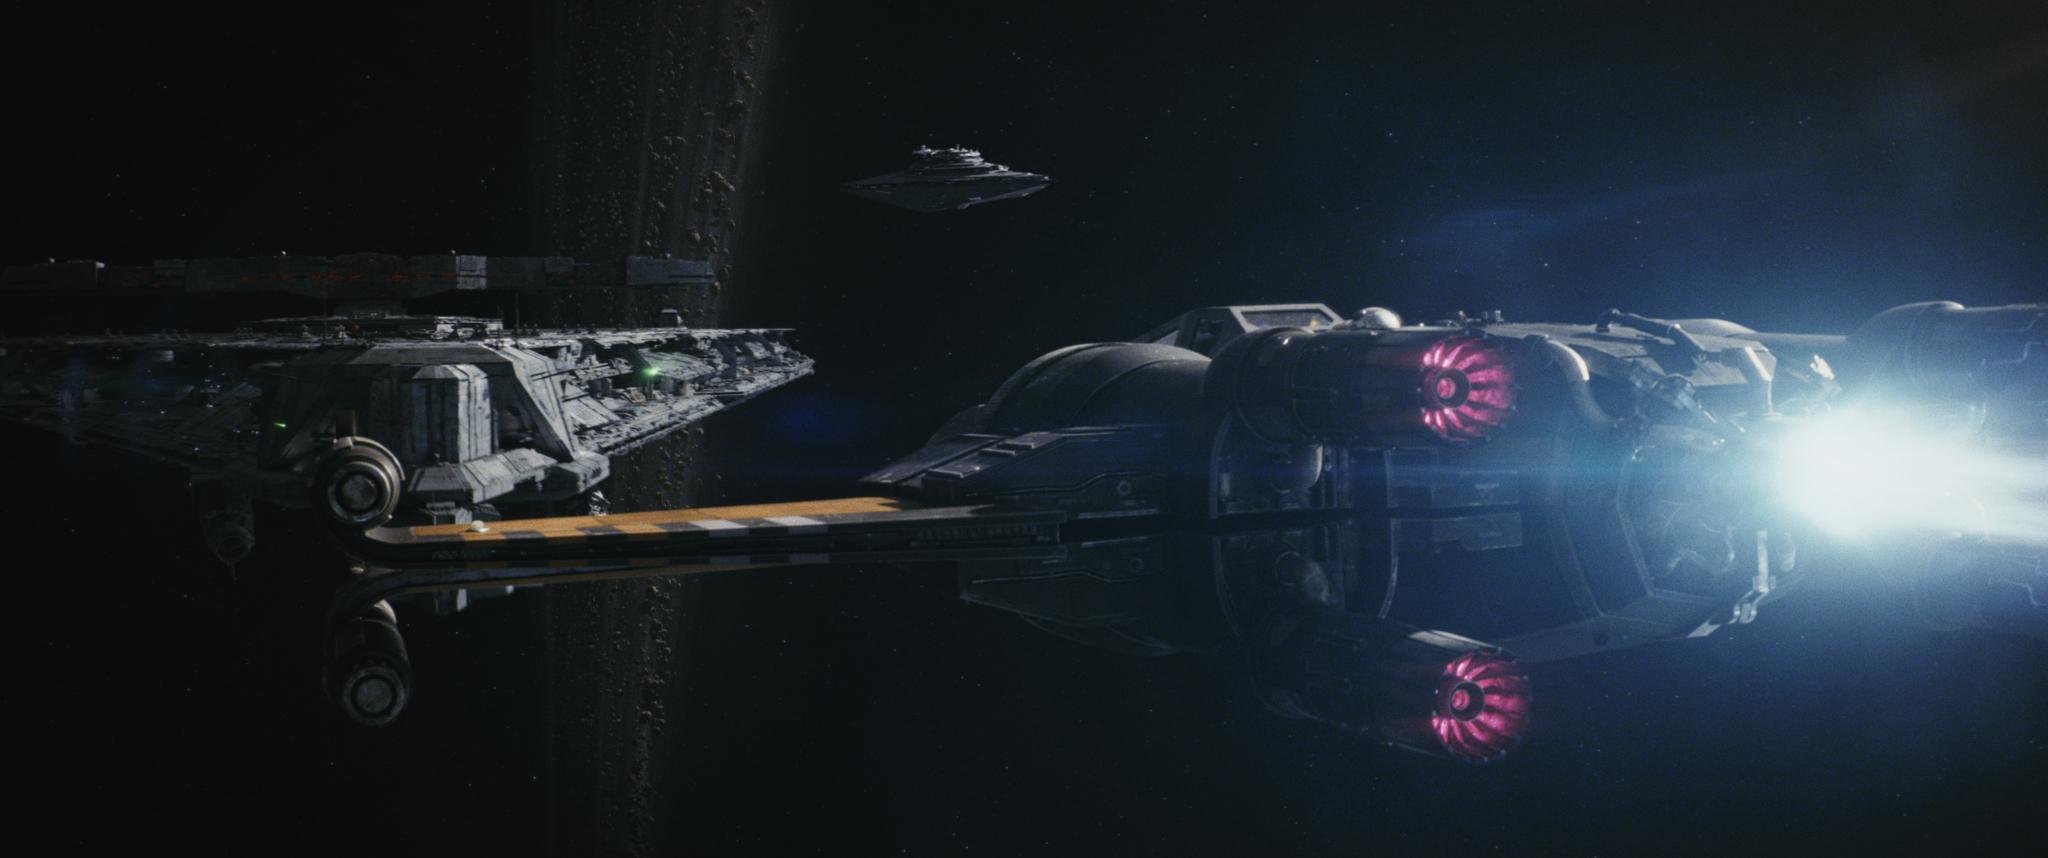 Poe új X-szárnyú vadászgépét extra hajtóművel szerelték fel. Az új felszerelés hamar kifullad, viszont képes gyorsan az ellenség vonalai mögé repíteni az űrhajót.